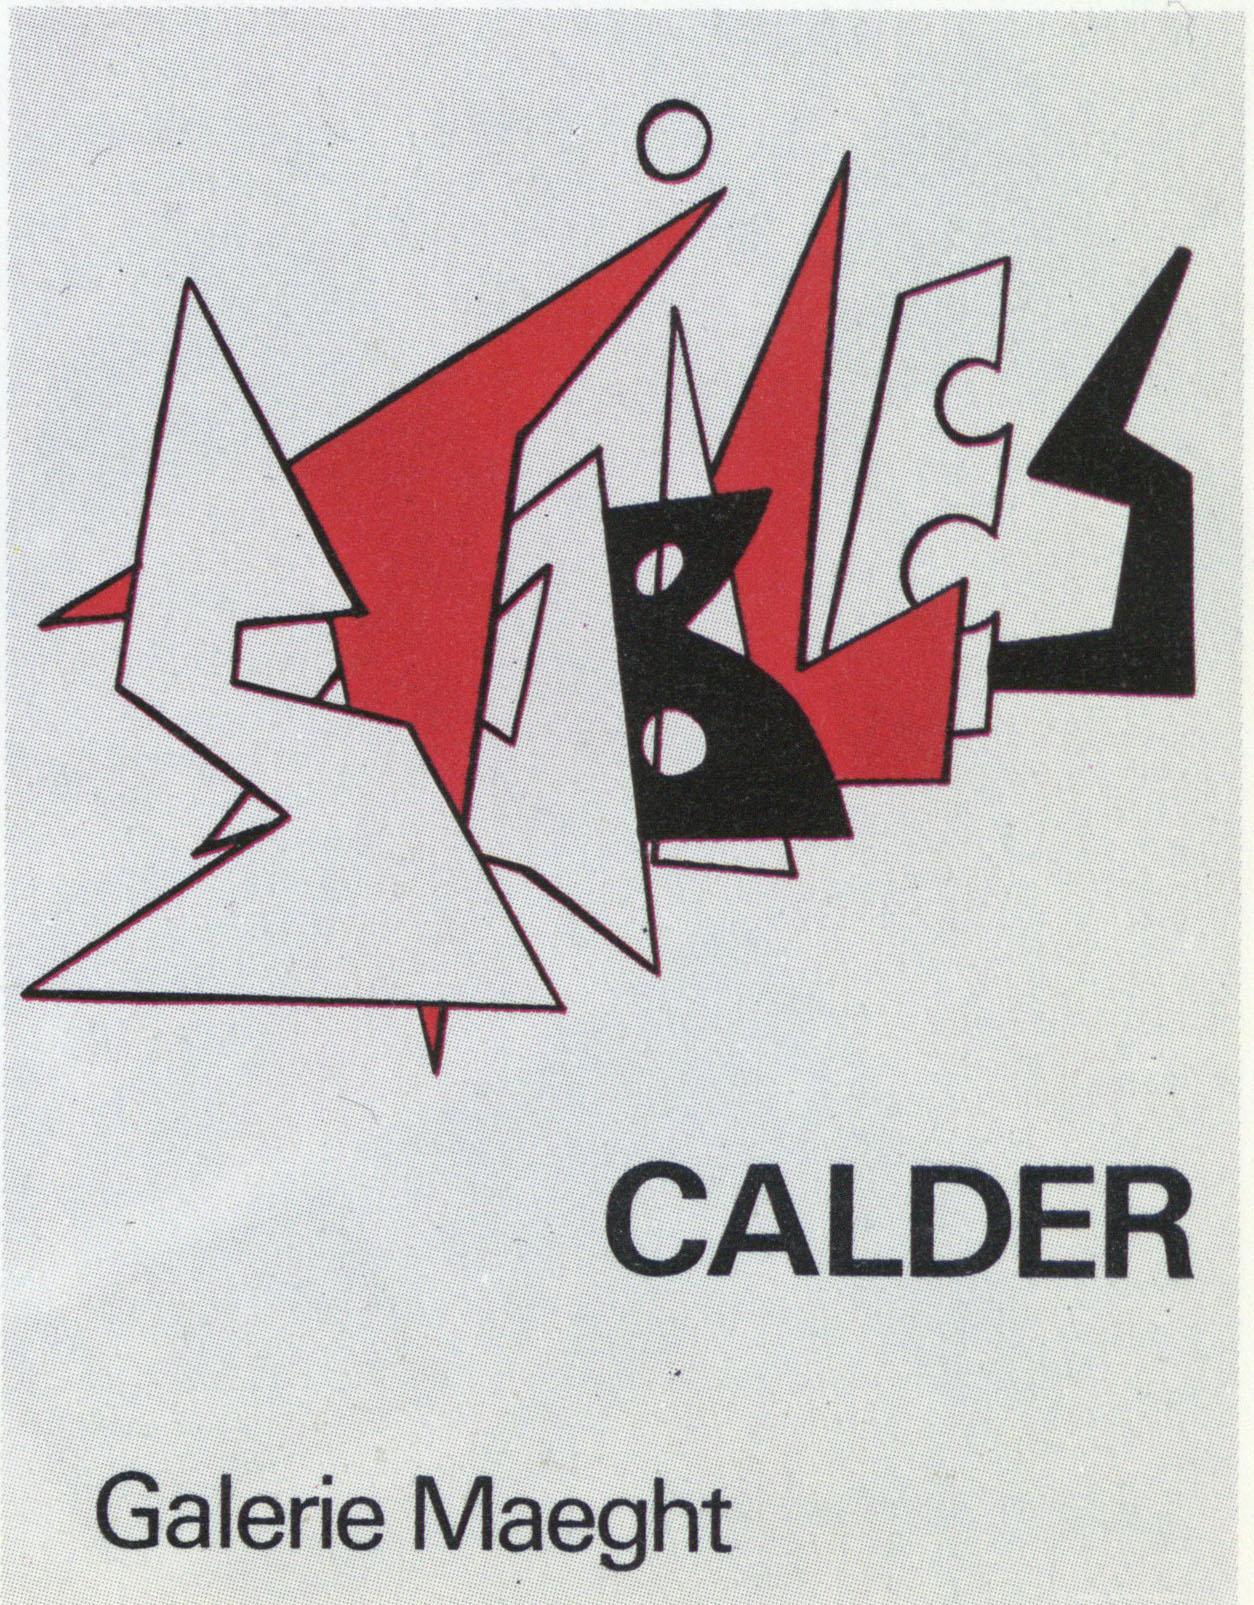 アレクサンダー・カルダー ポスター「Stabiles」 /Alexander Calder